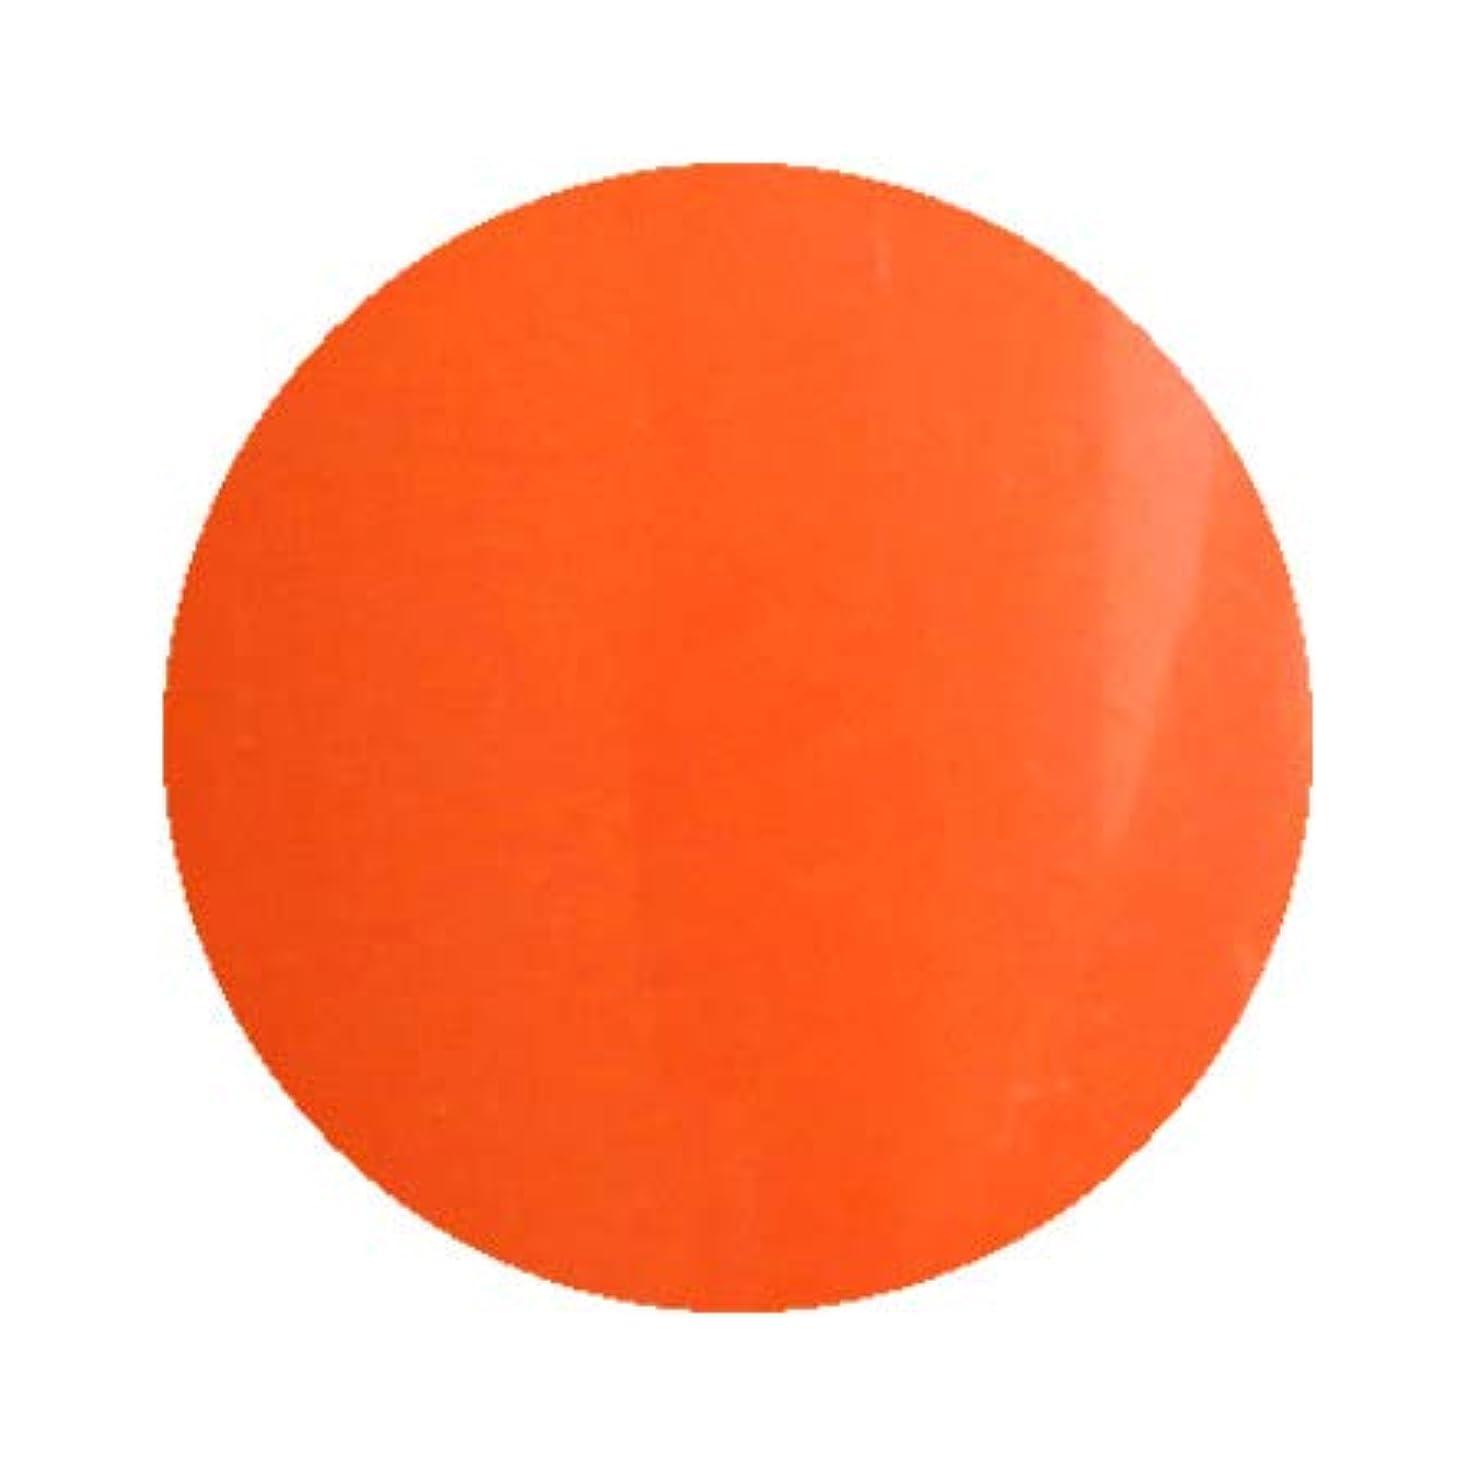 意味のある周囲神経障害Inity アイニティ ハイエンドカラー OR-03M サーモンオレンジ 3g